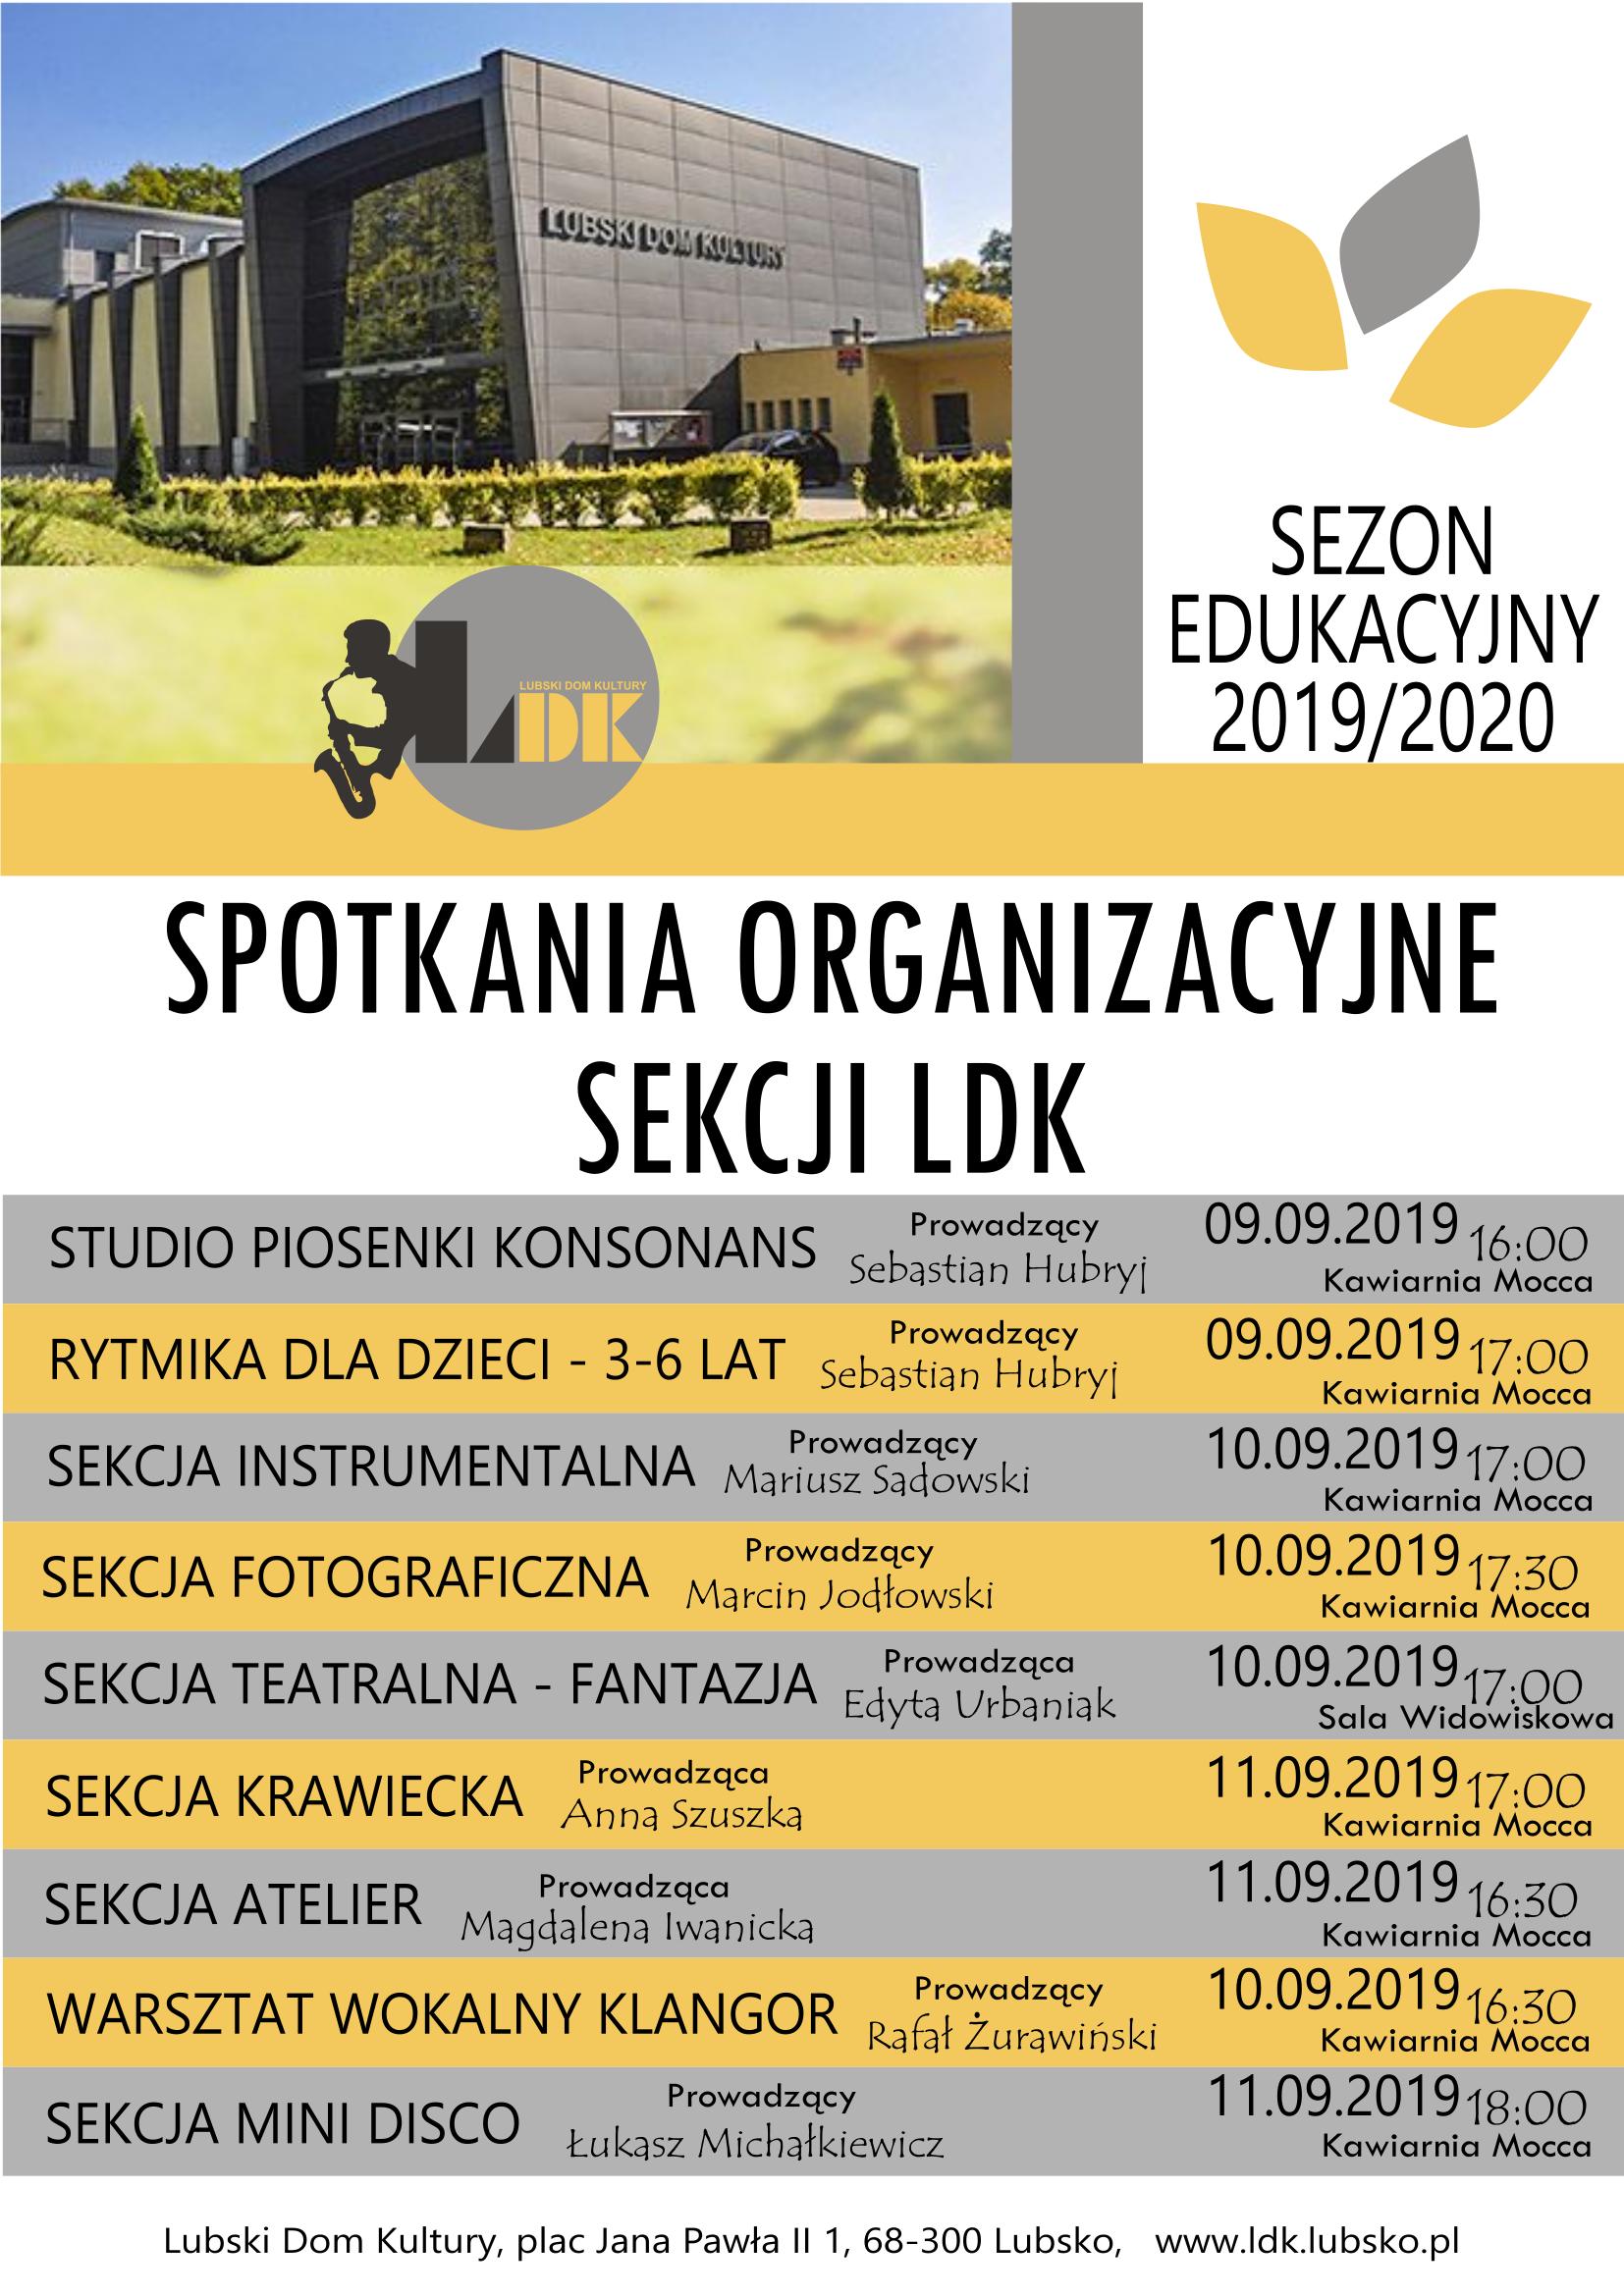 Ilustracja do informacji: Spotkania Organizacyjne sekcji LDK